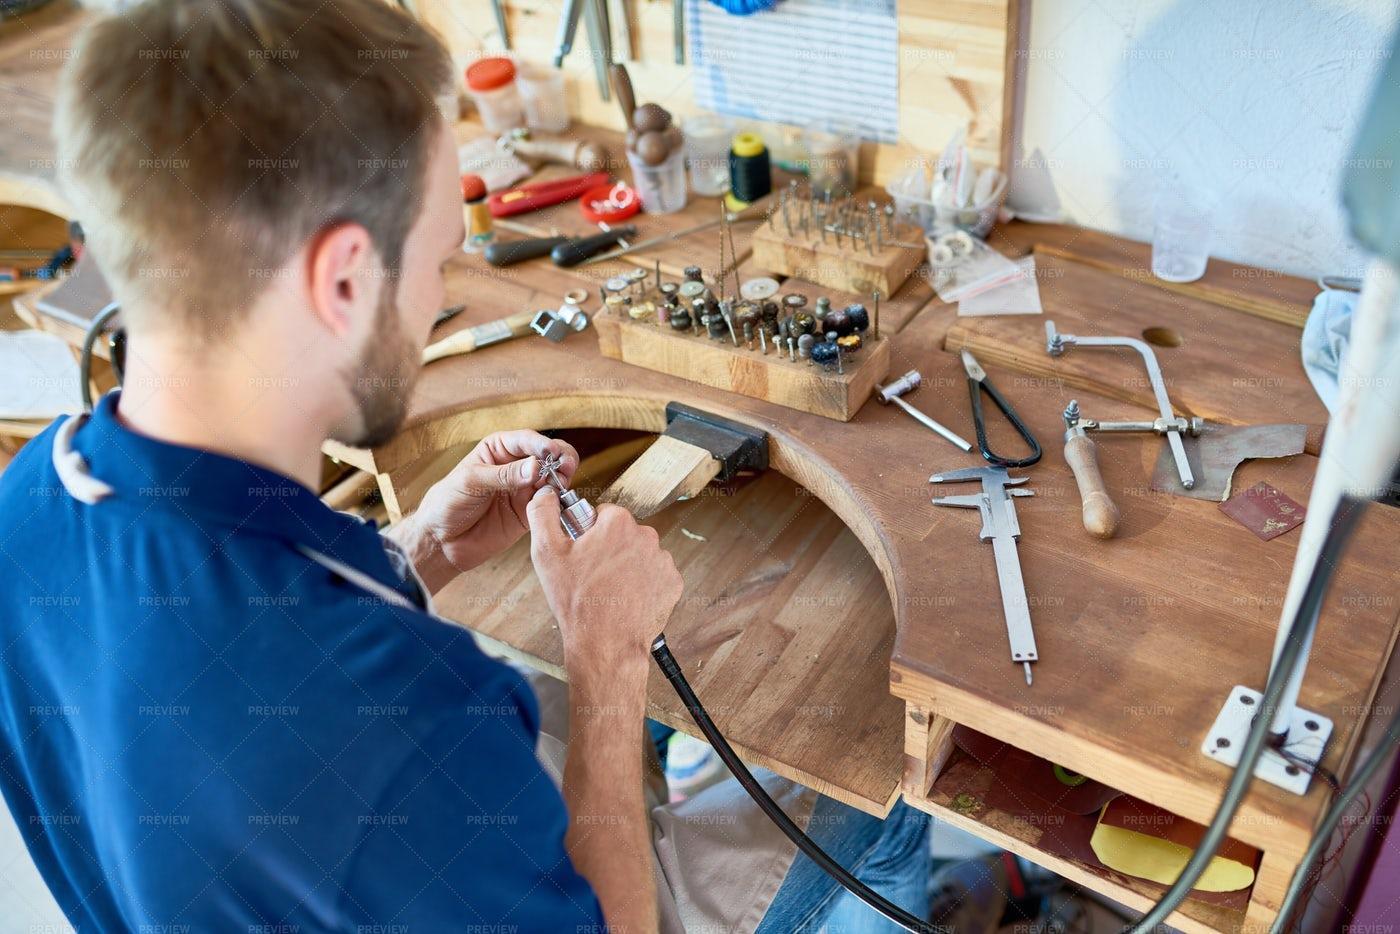 Jeweler Working At Table: Stock Photos